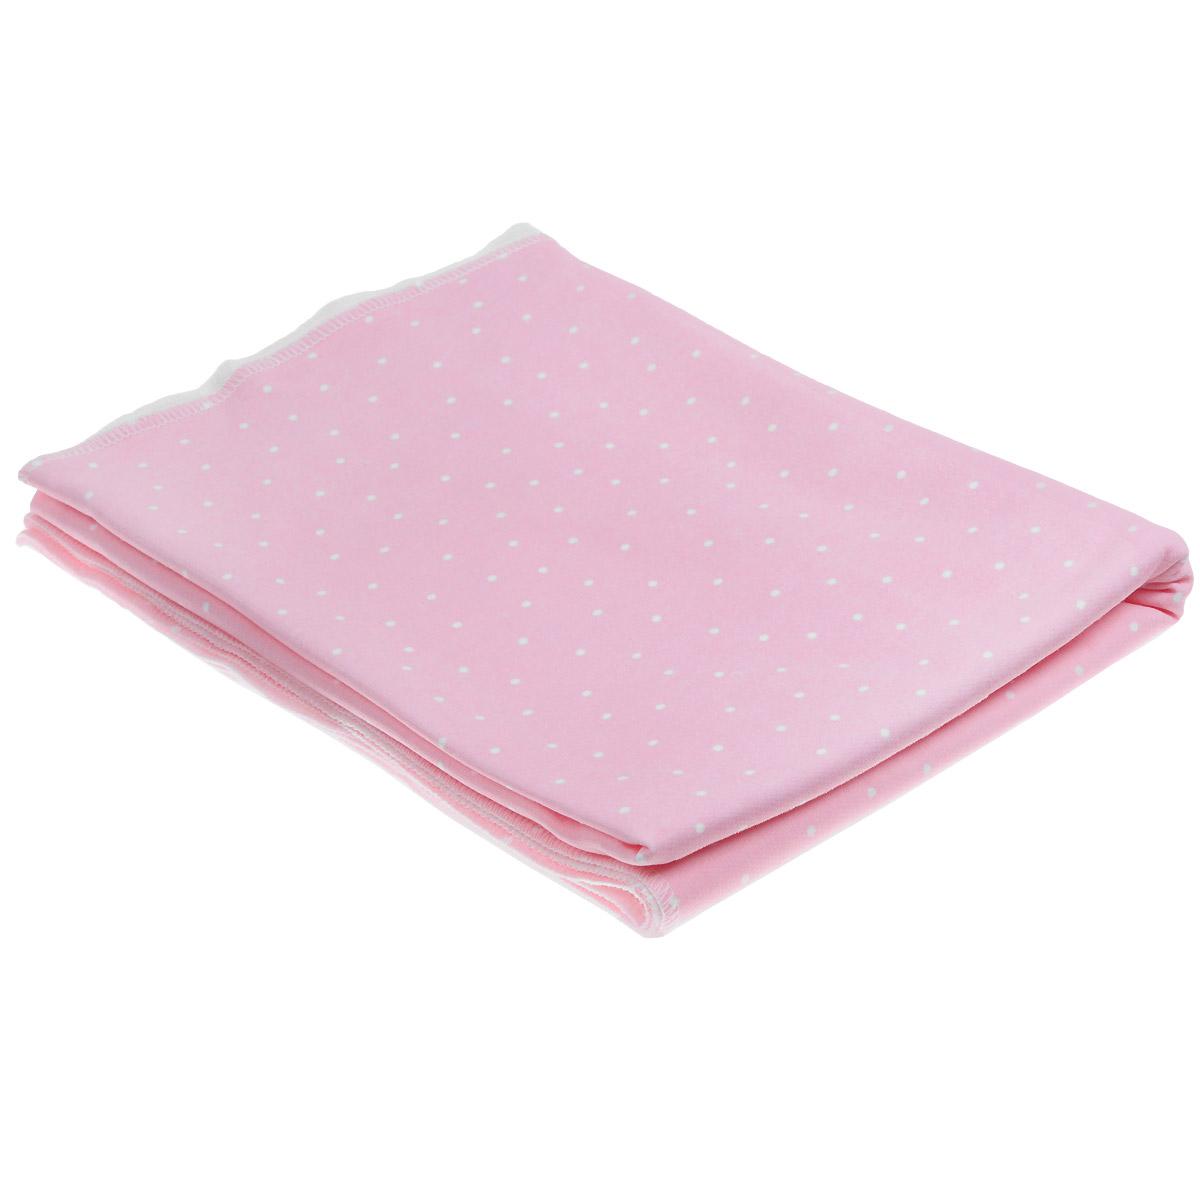 Пеленка трикотажная Трон-плюс, цвет: розовый, белый, 120 см х 90 см